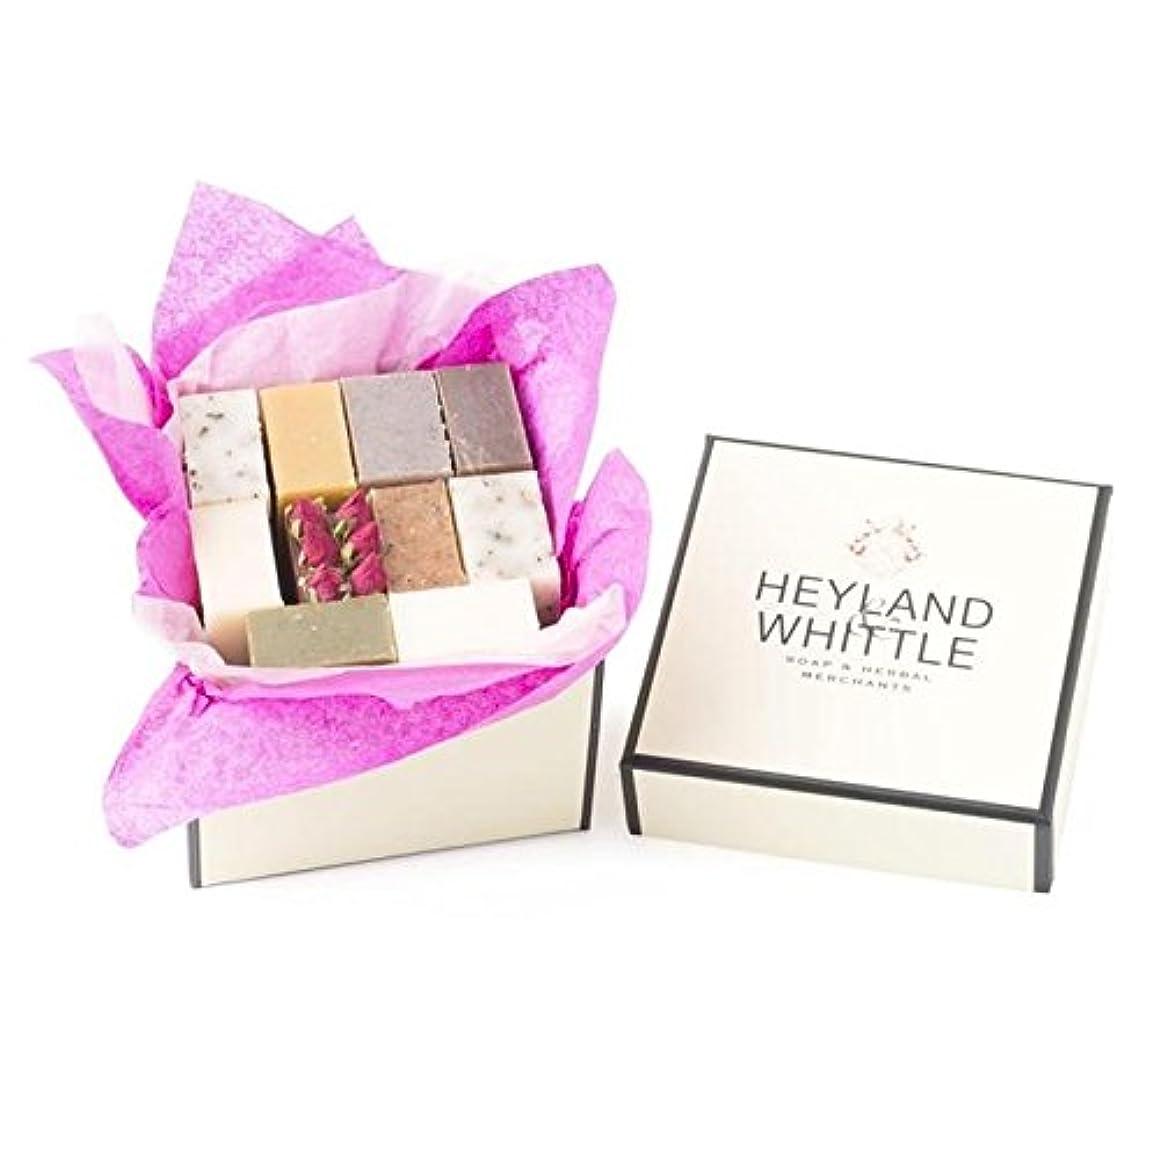 ソーダ水拡声器識別Heyland & Whittle Soap Gift Box, Small - 小さな&削るソープギフトボックス、 [並行輸入品]